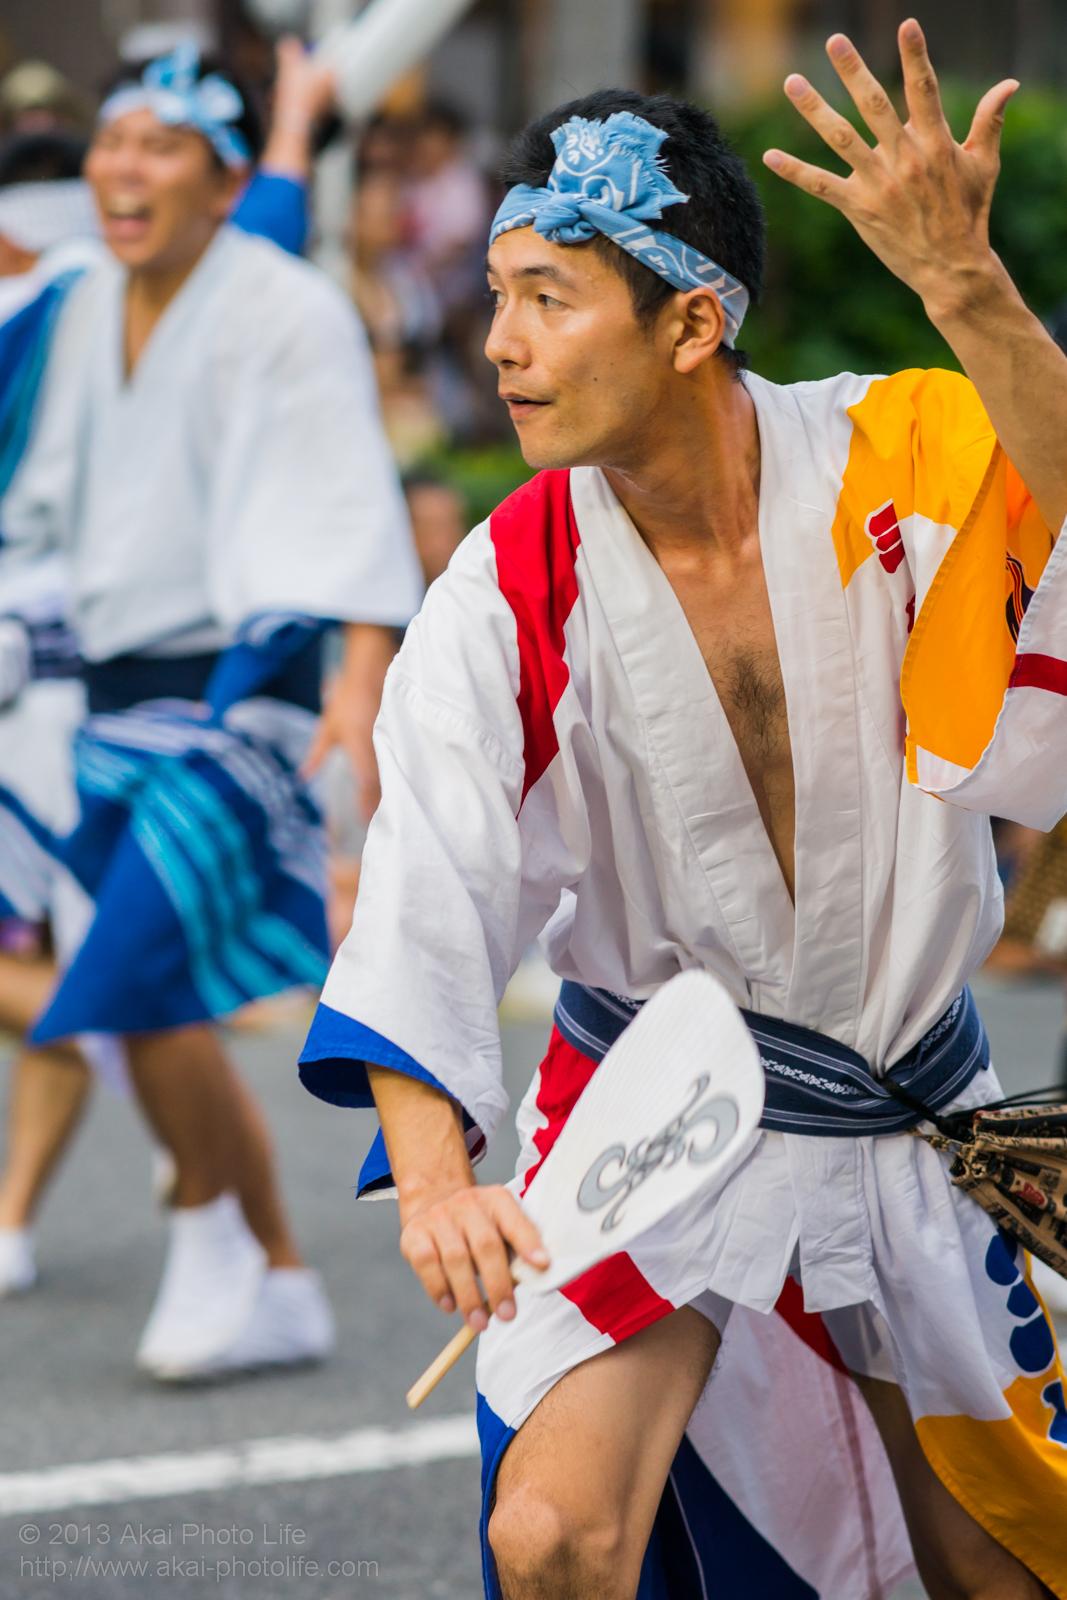 高円寺阿波踊り 三茶連の団扇を使った男踊り